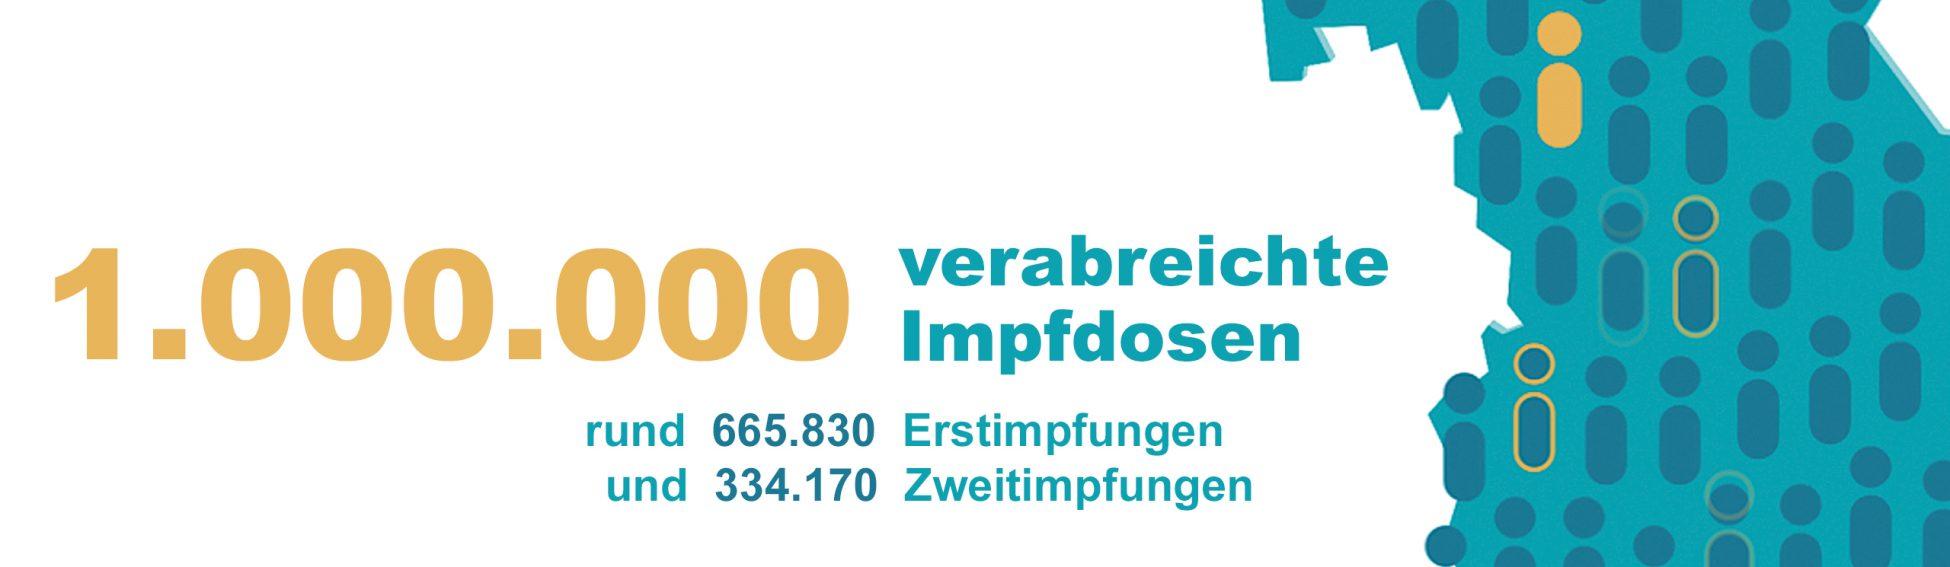 2021_02_27_1mio_impfung_header